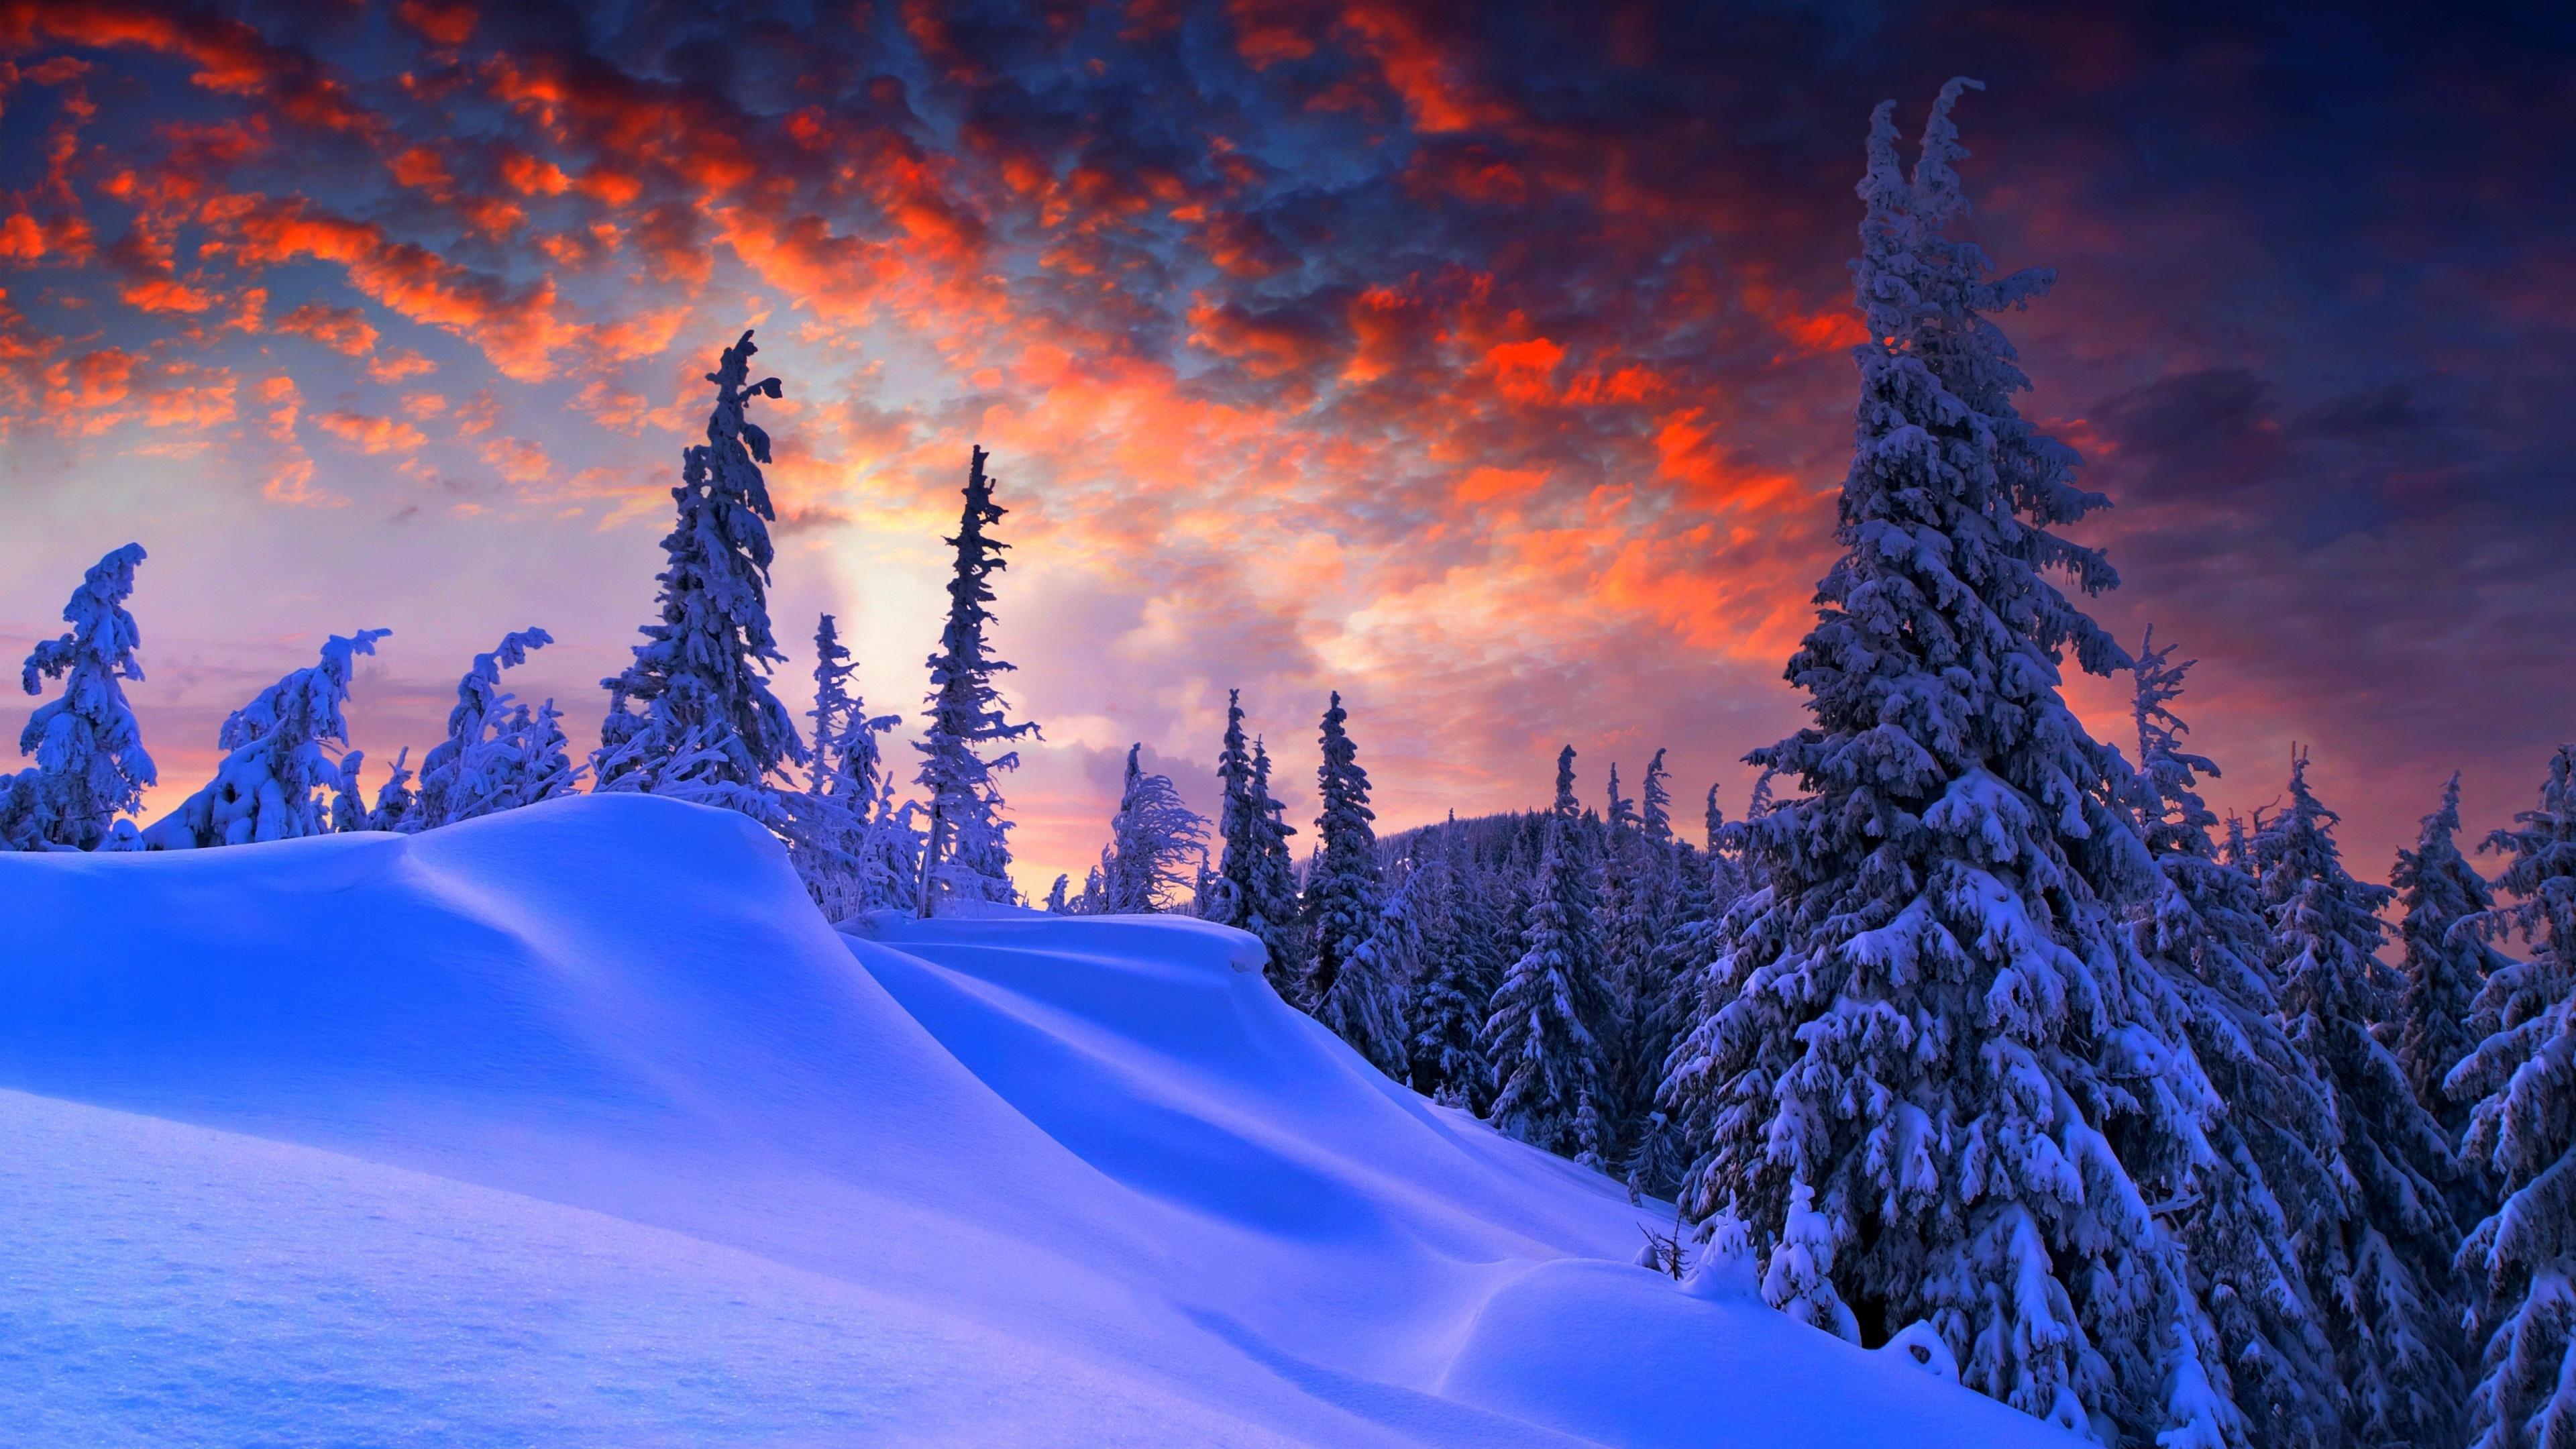 Christmas Wallpaper 4k.Winter Christmas 4k Wallpaper